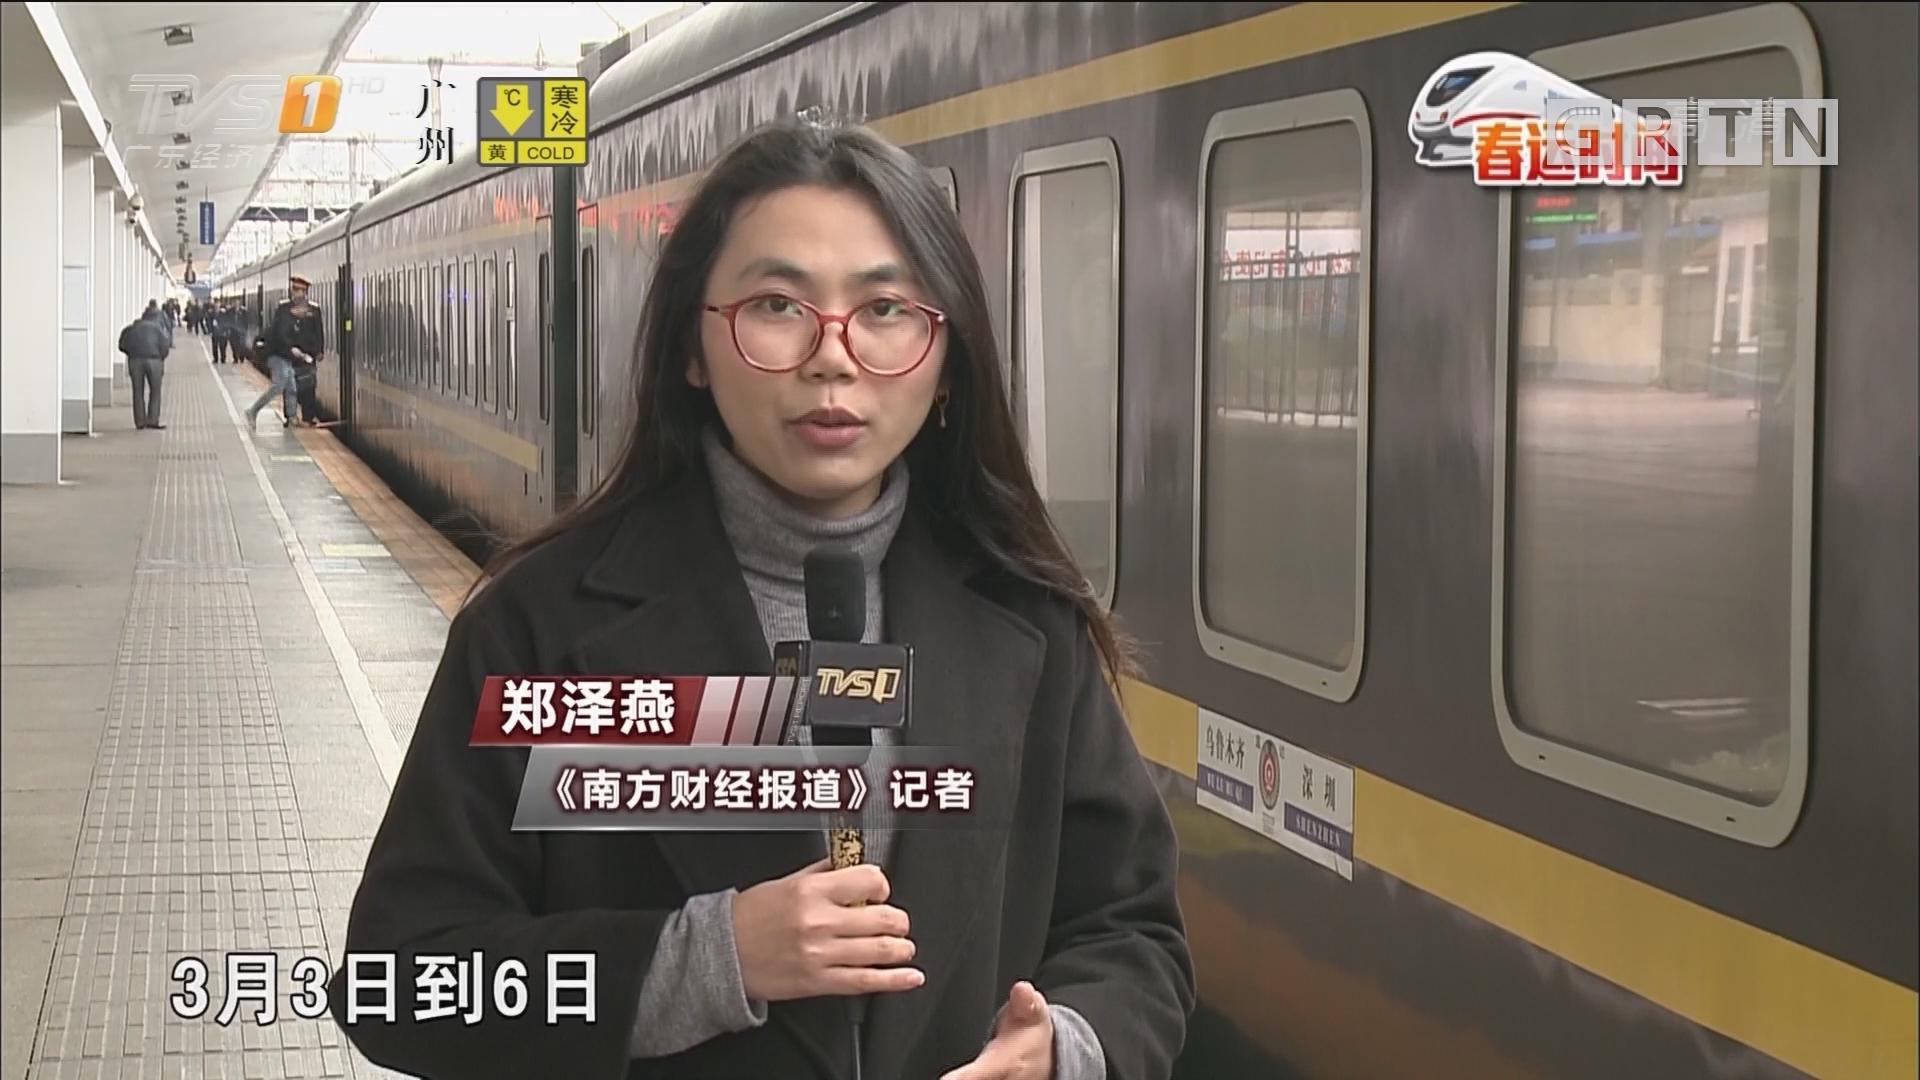 春节长假广铁发送旅客728.2万人